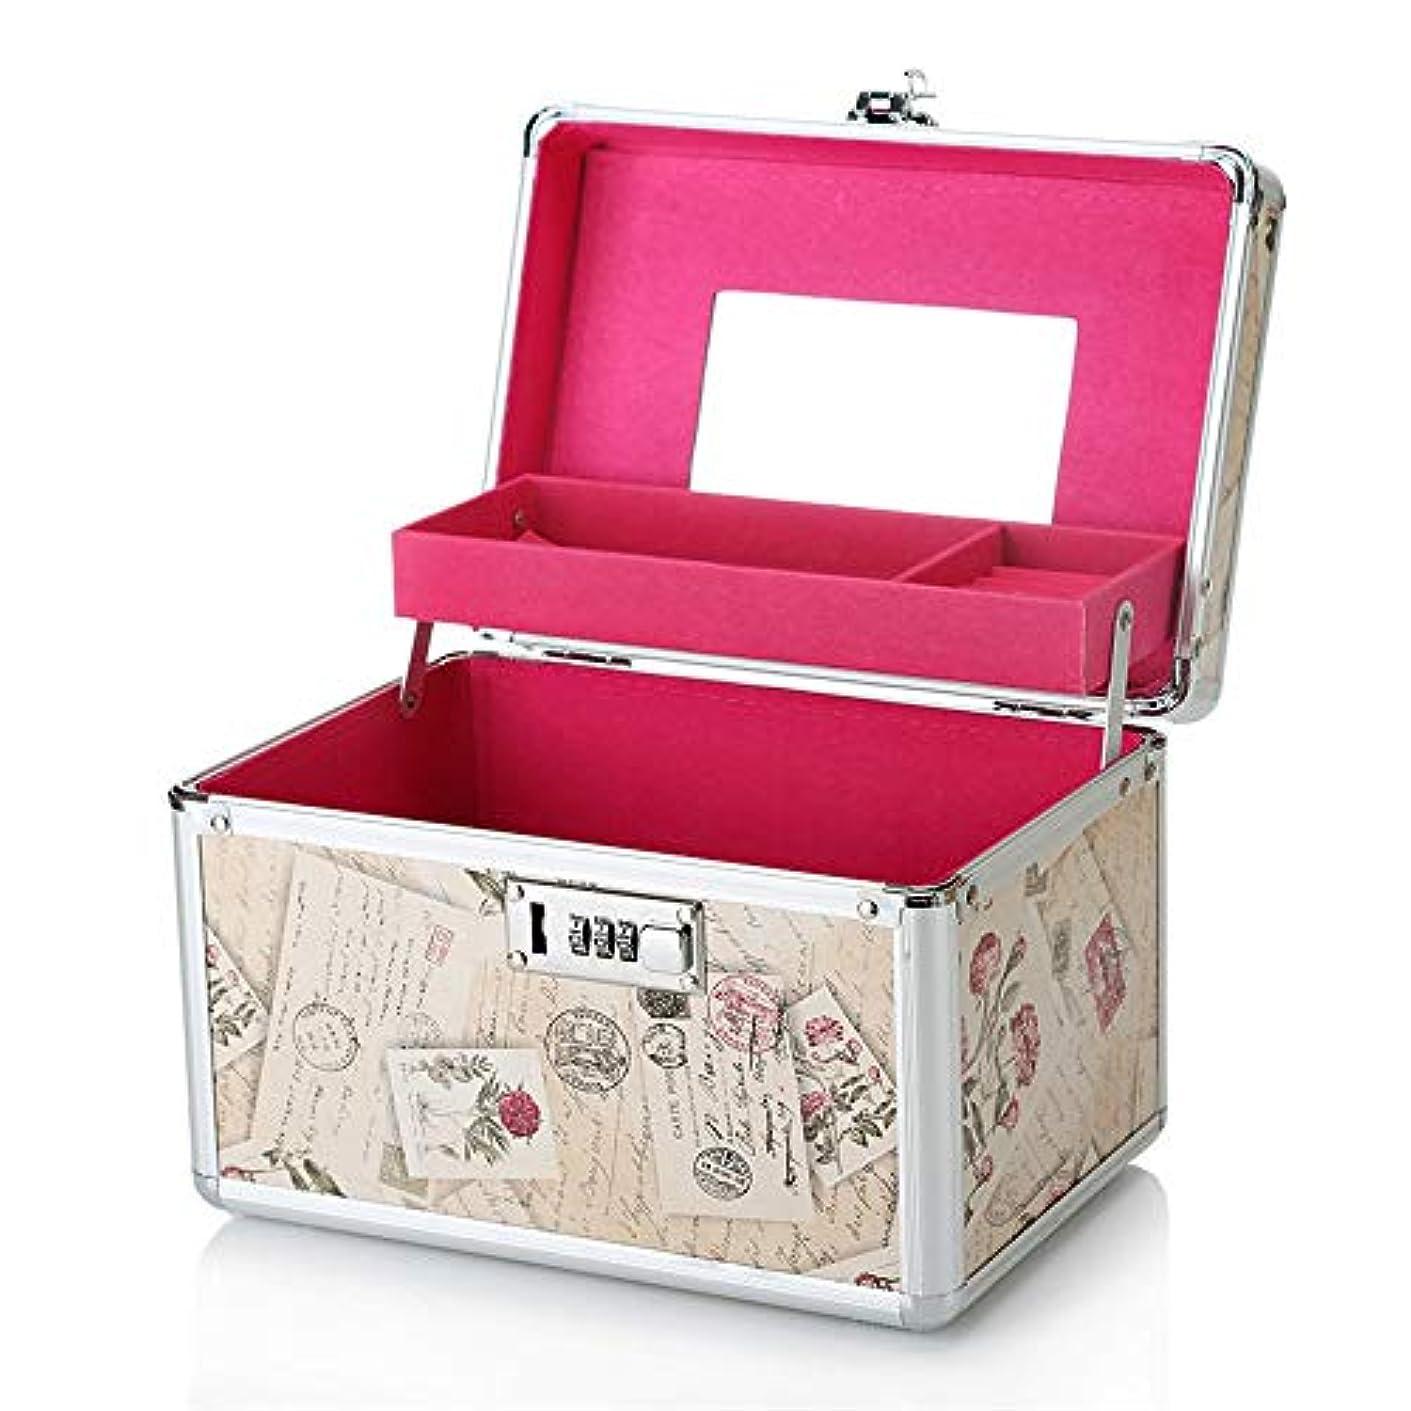 正確さデジタル前提特大スペース収納ビューティーボックス 美の構造のためそしてジッパーおよび折る皿が付いている女の子の女性旅行そして毎日の貯蔵のための高容量の携帯用化粧品袋 化粧品化粧台